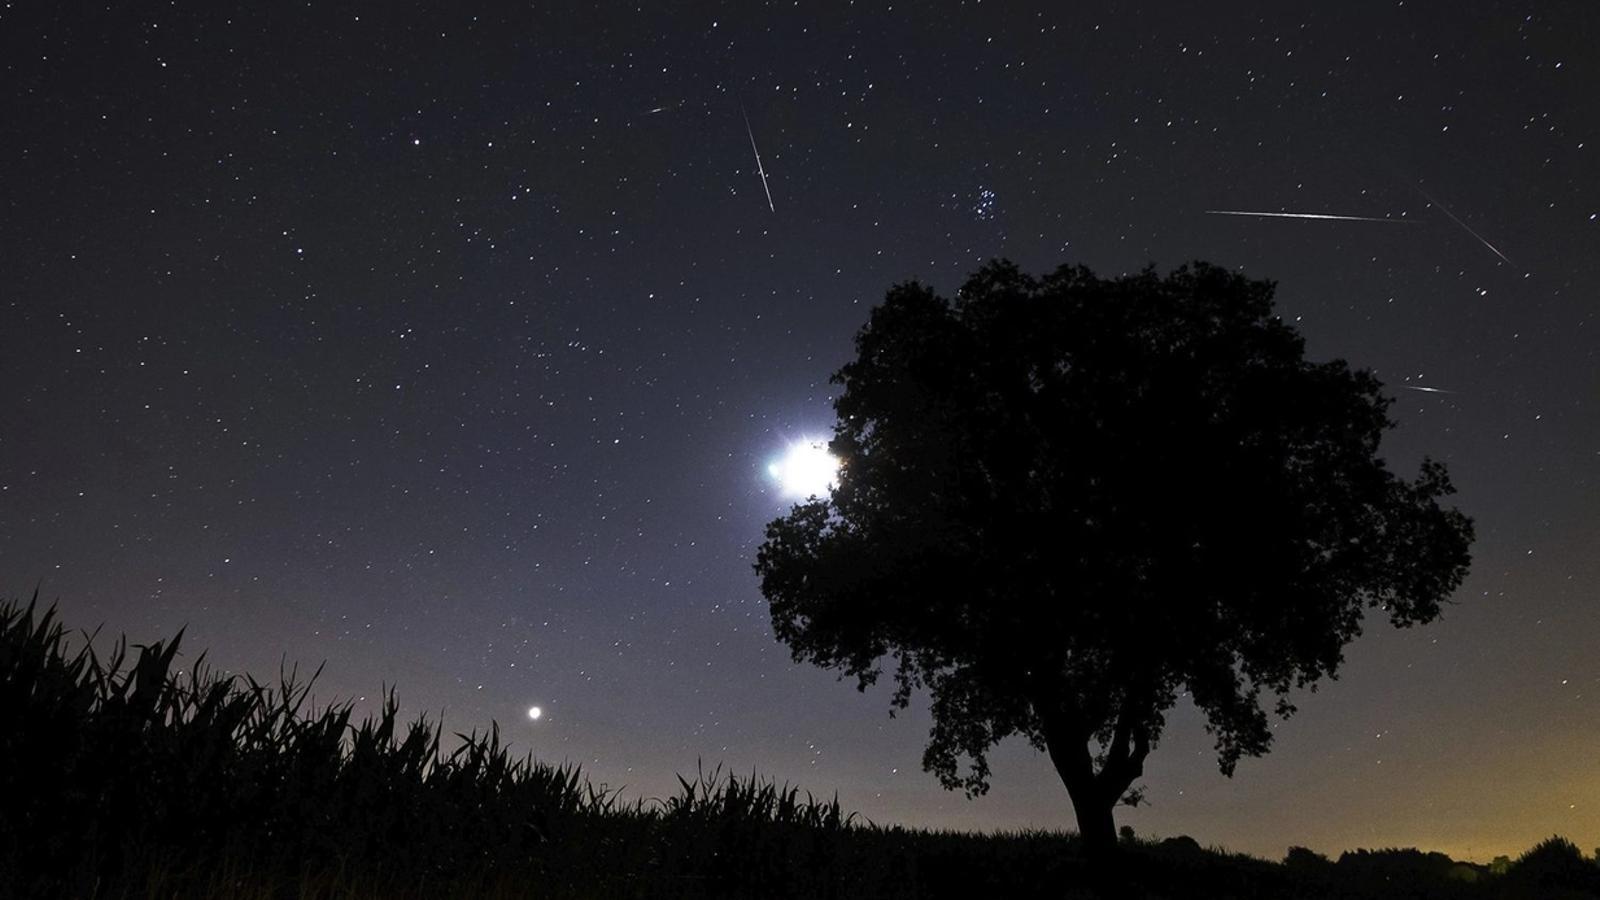 Arriben els Gemínids, la pluja d'estels més important de l'any